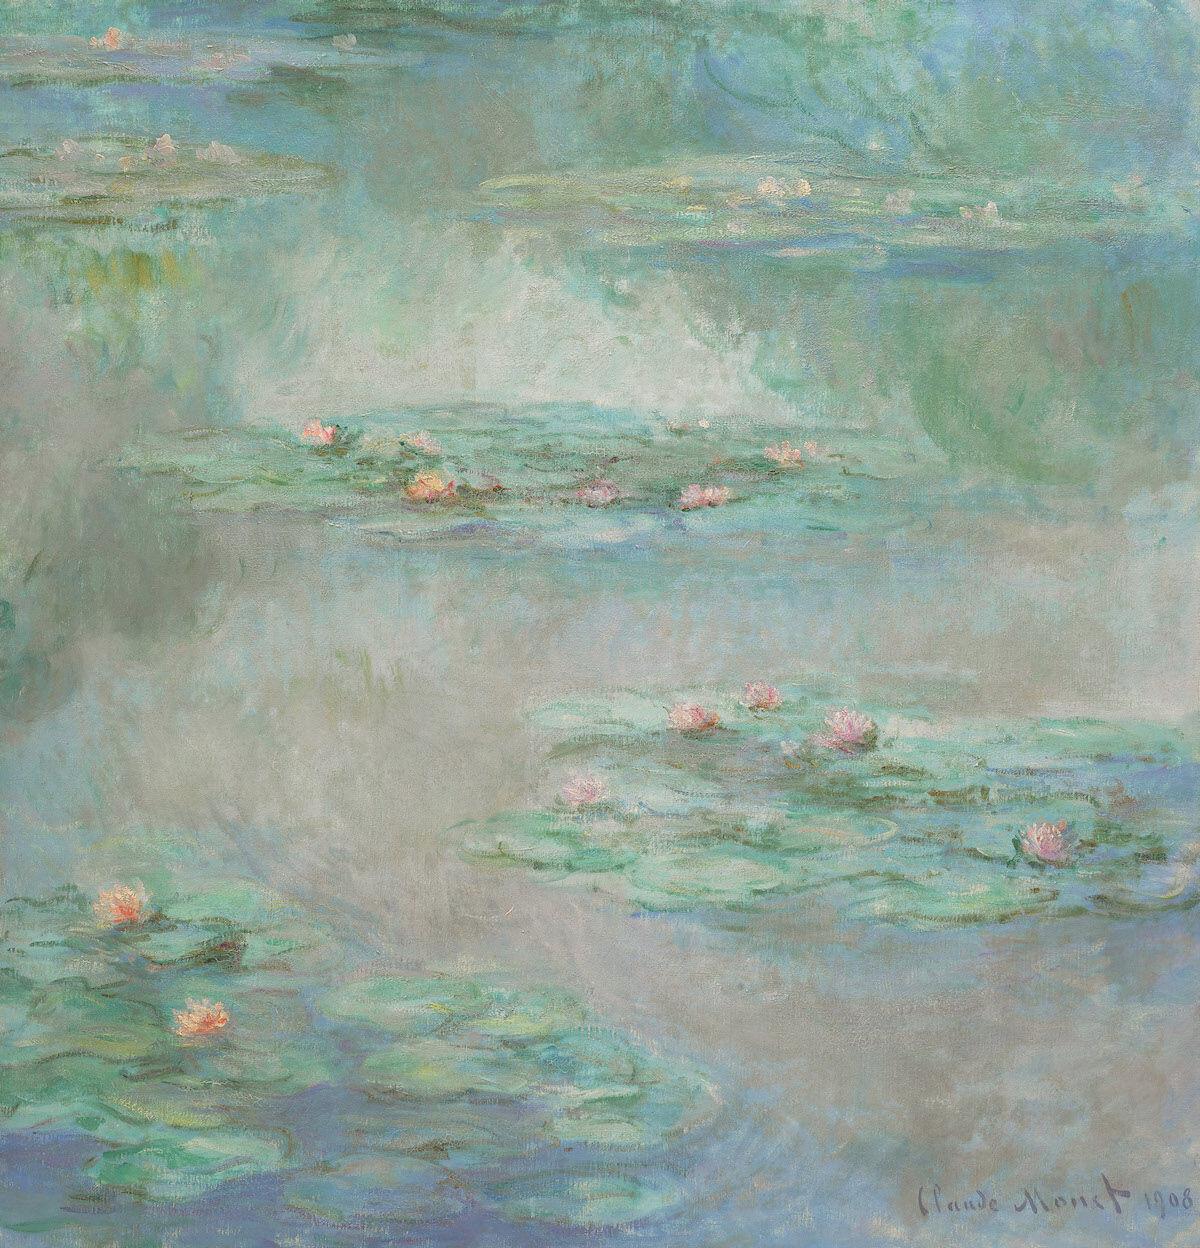 Claude Monet, Nymphéas, 1908. Courtesy Sotheby's.